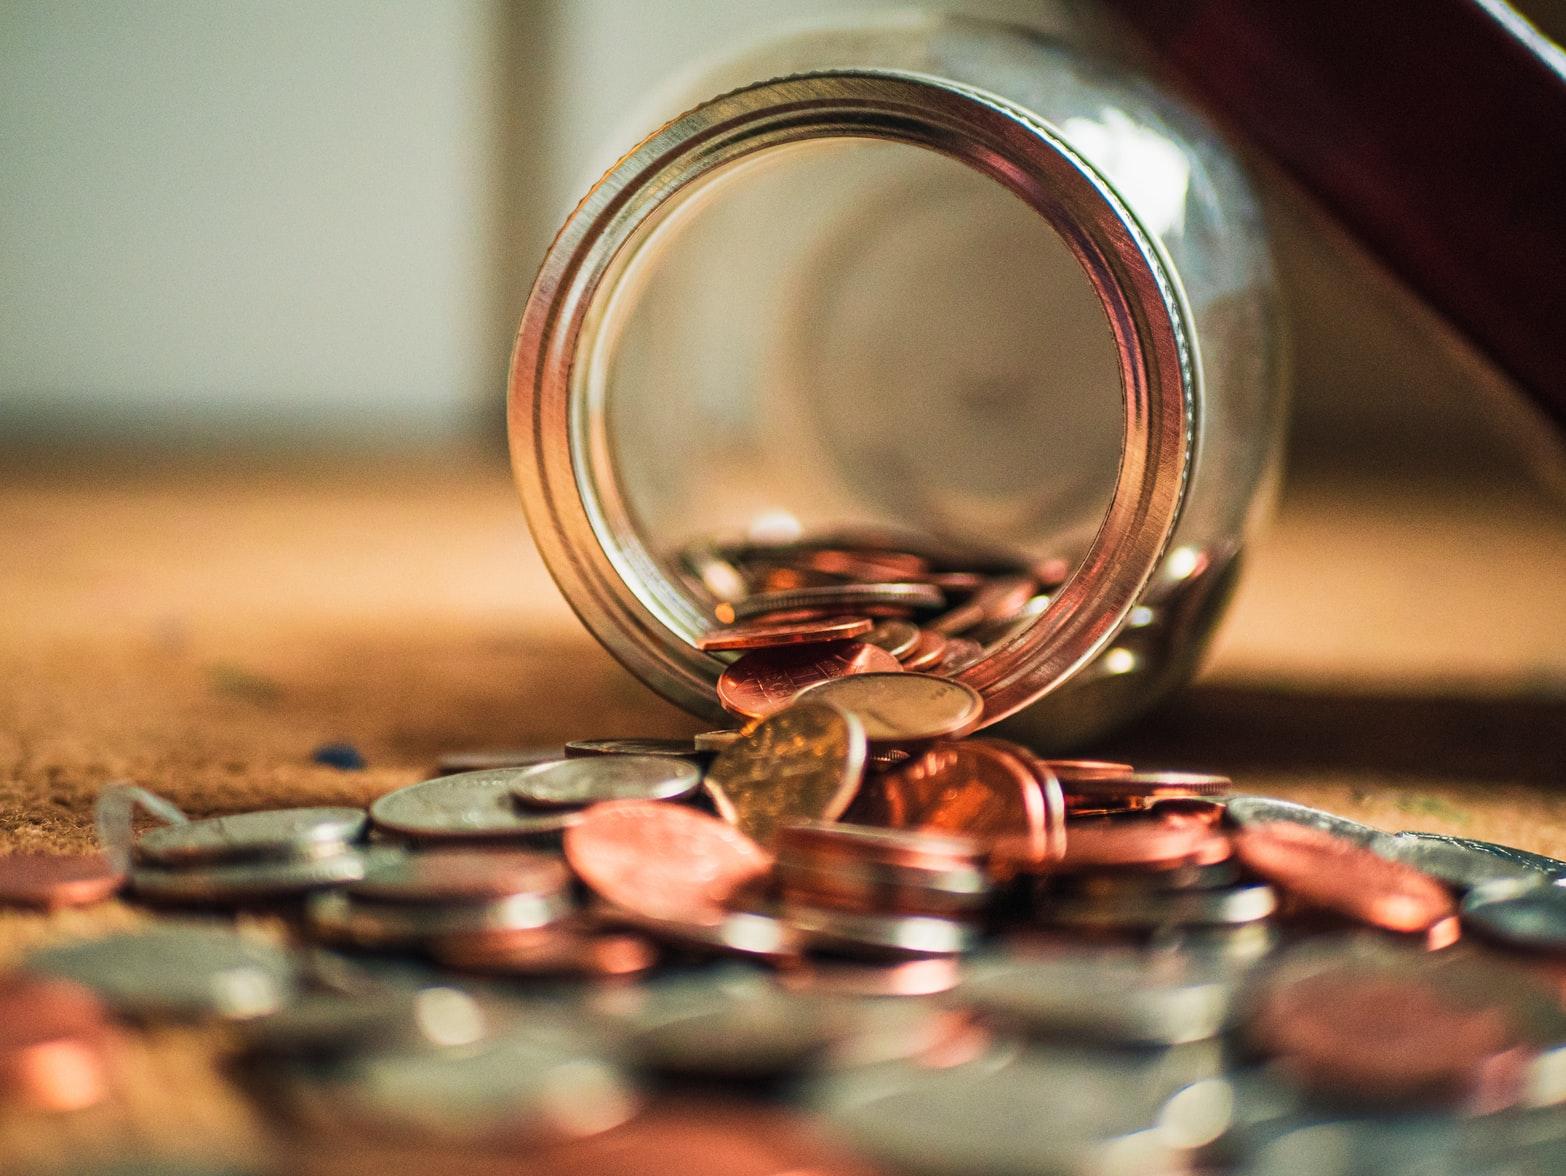 Finanzas post-pandemia: ¿Invertir o seguir ahorrando?